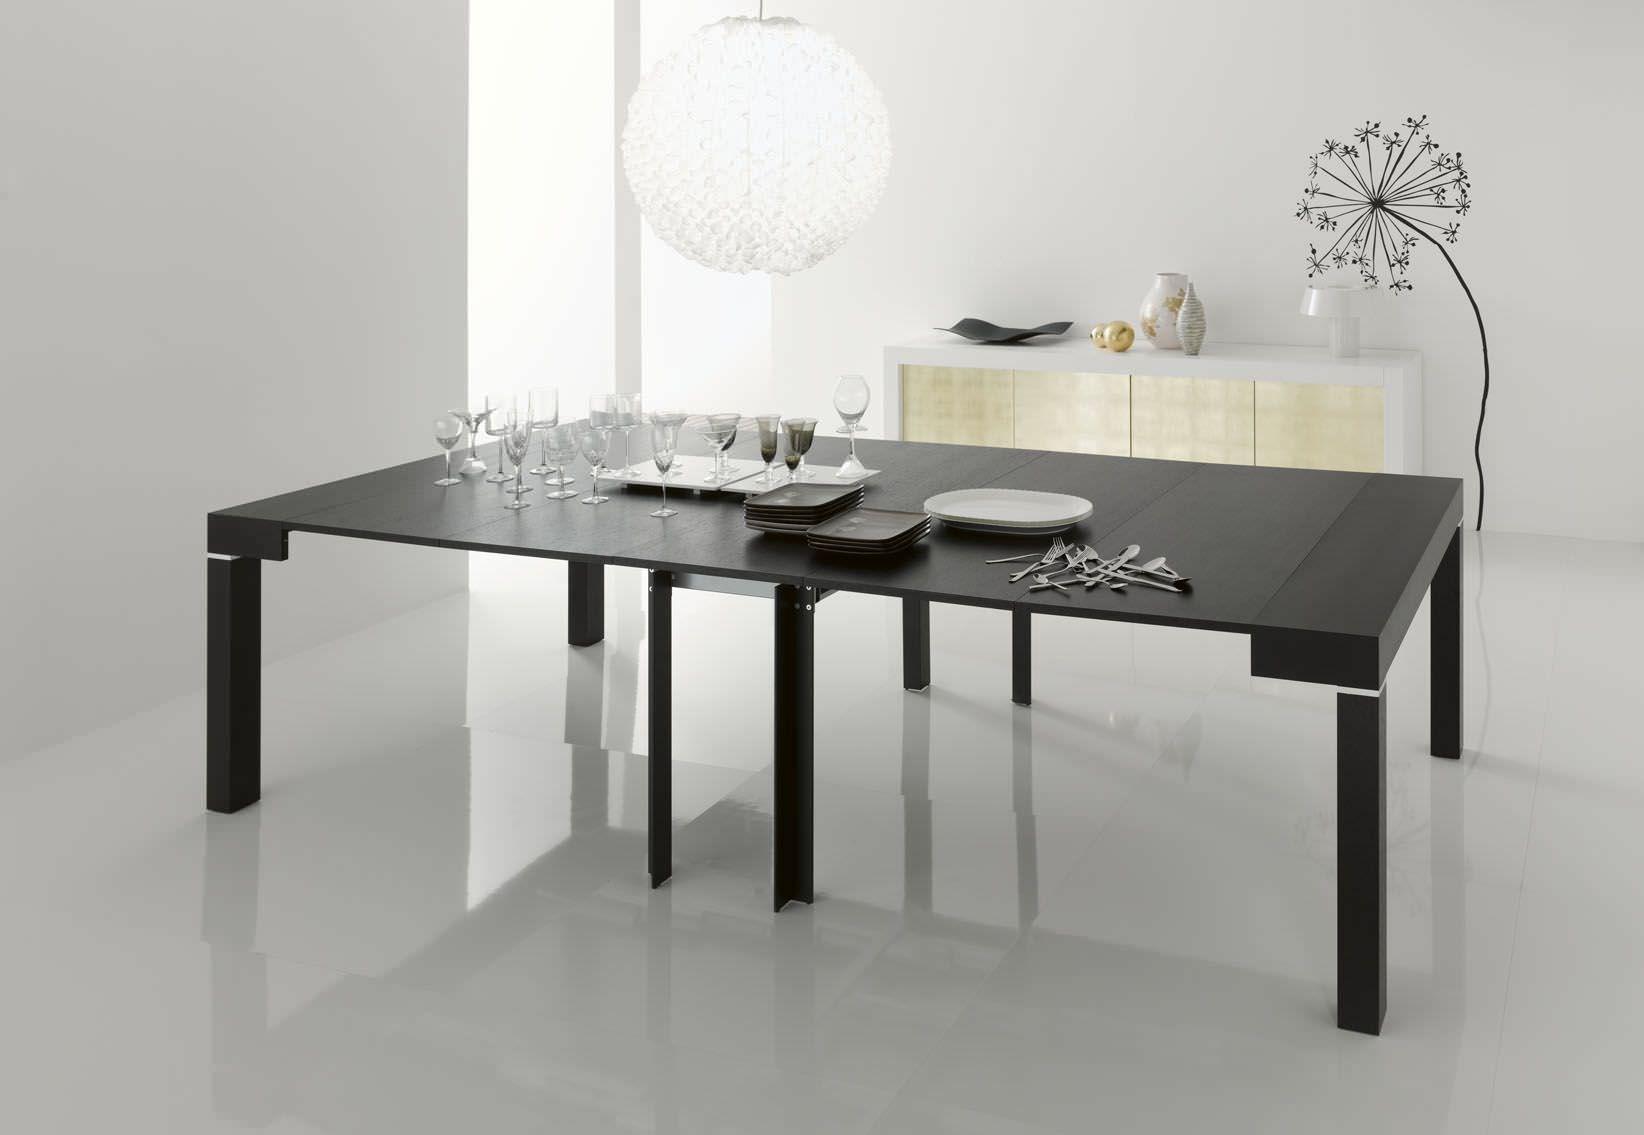 Idee da salotto: tavoli consolle allungabili di design | idee casa ...